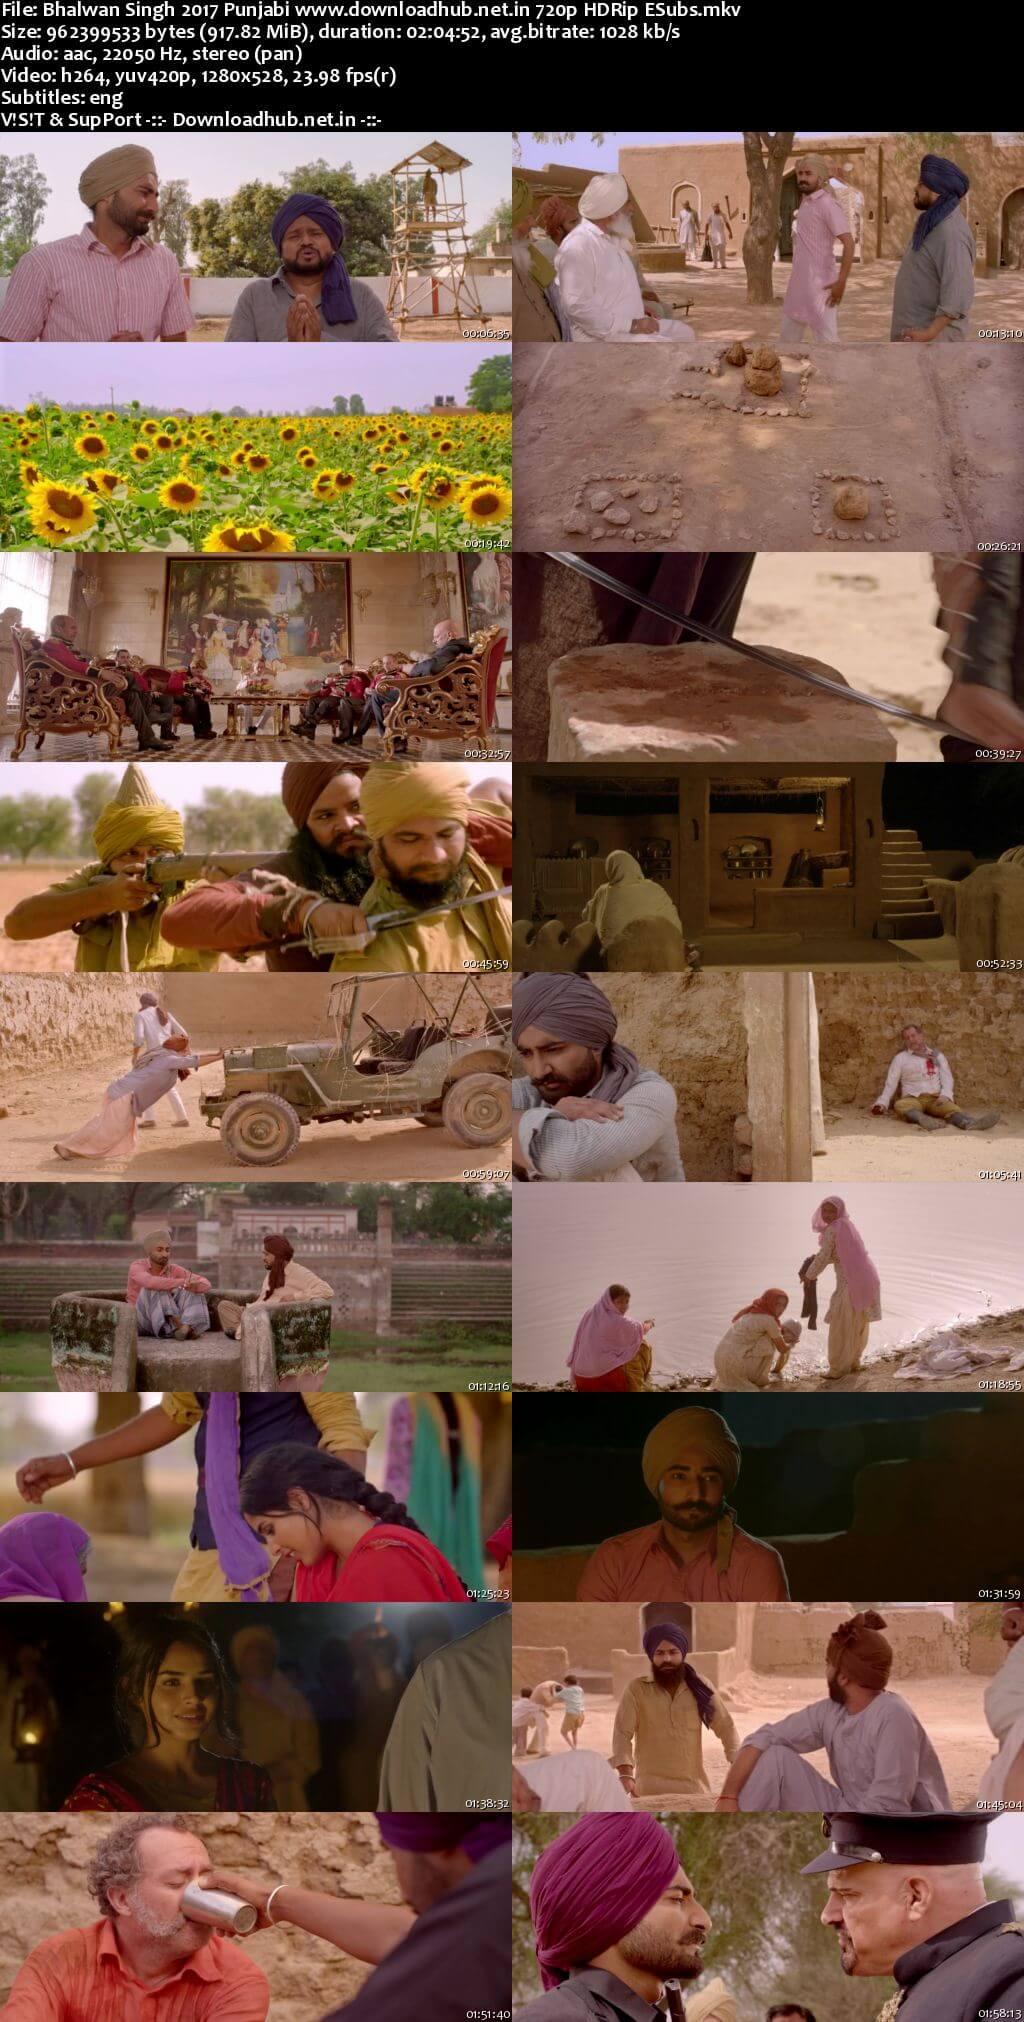 Download Bhalwan Singh 2017 Punjabi 480p HDRip